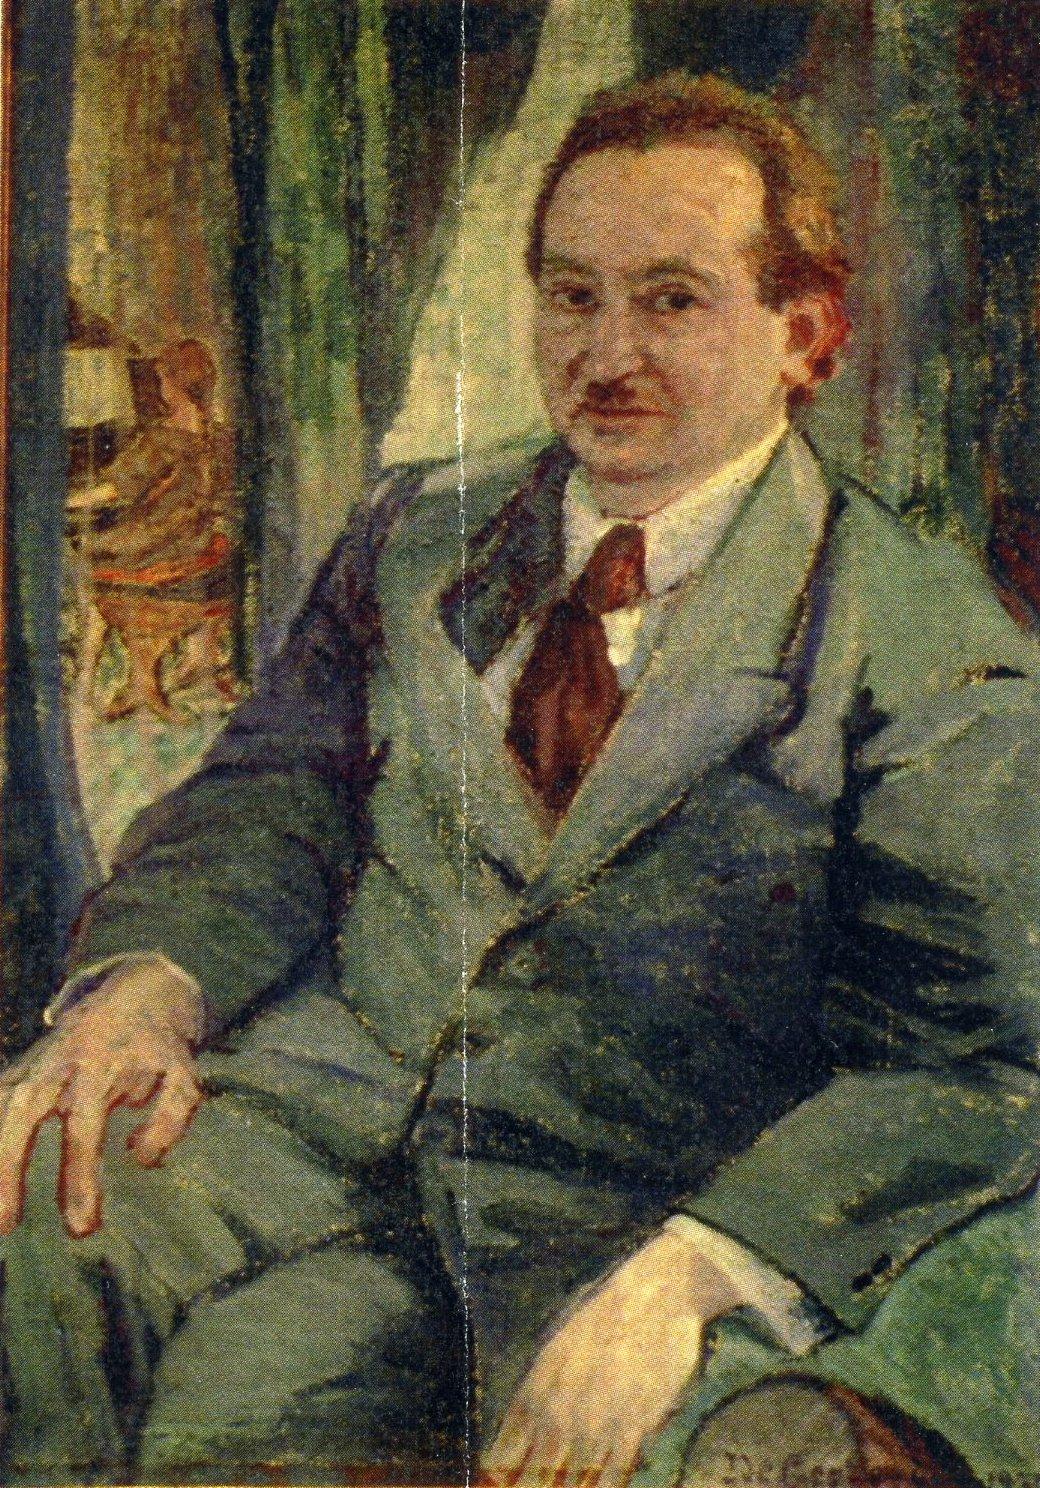 Komponist Heinz Schüngeler